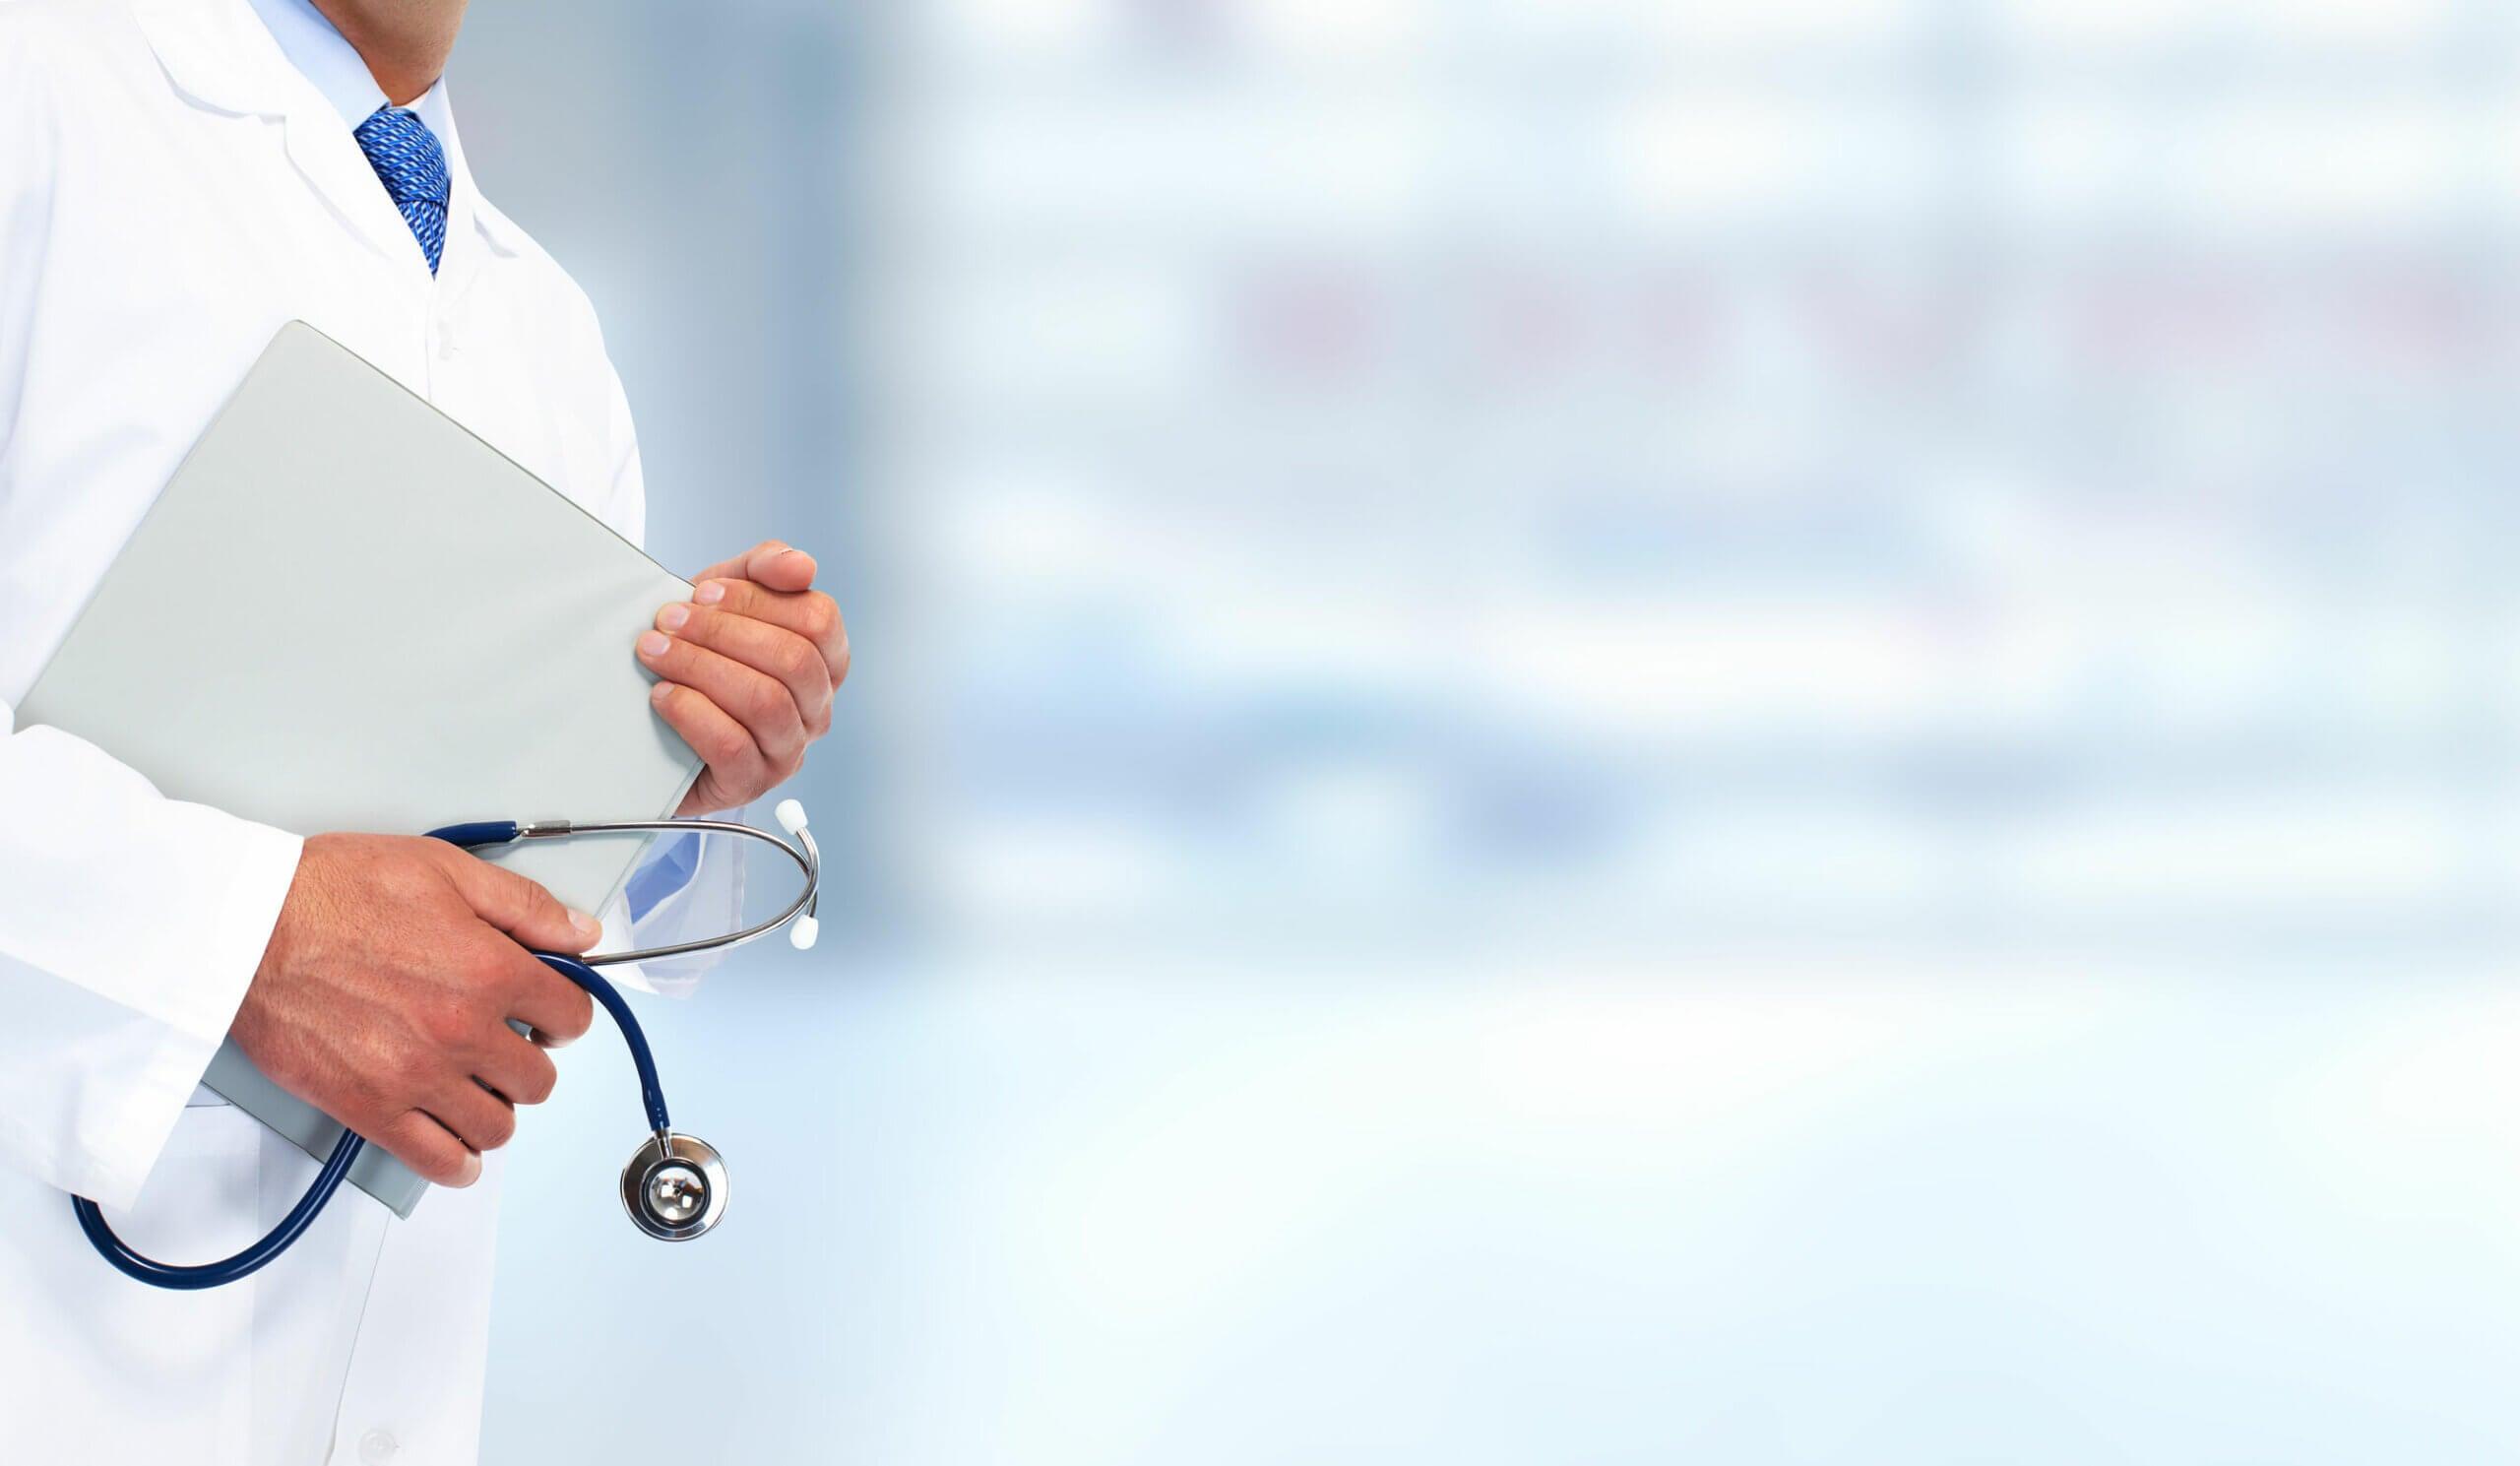 قد تتطلب أدوية تسكين الآلام وصفة طبية.